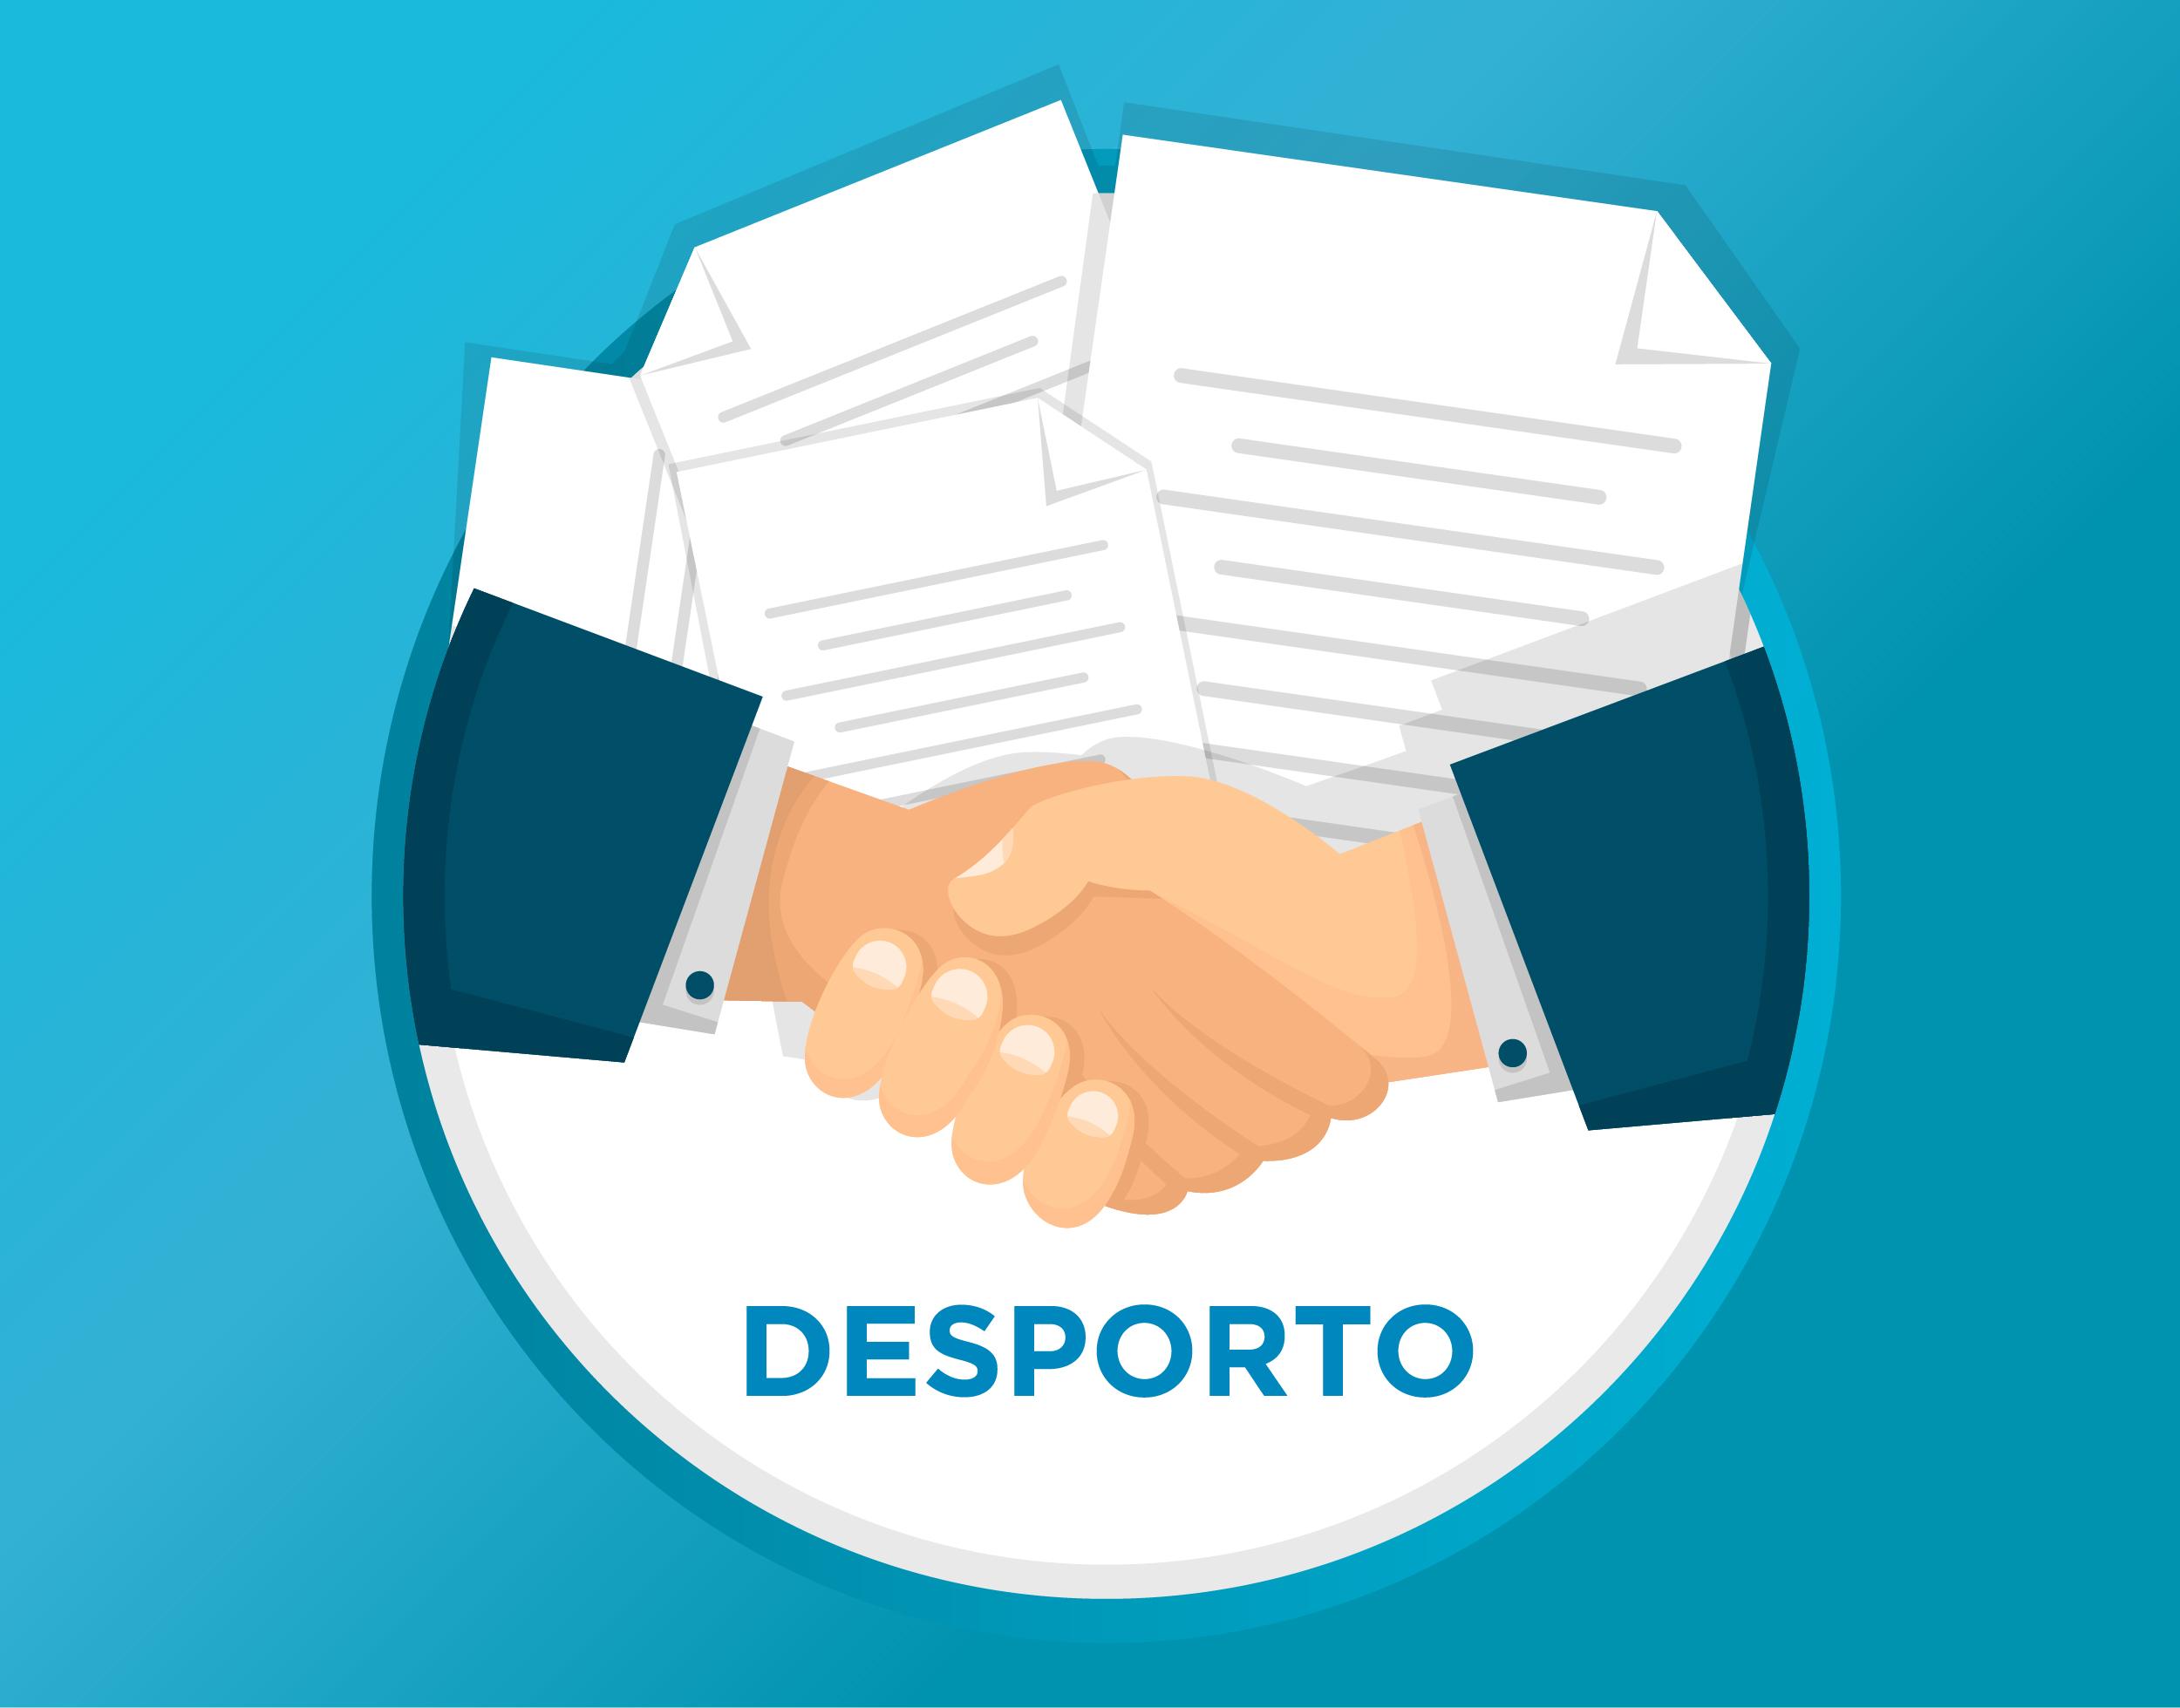 Plano Regional de Apoio ao Desporto 2018/2019 e 2019/2020 - JORAM n.º 21 de 30 janeiro 2020